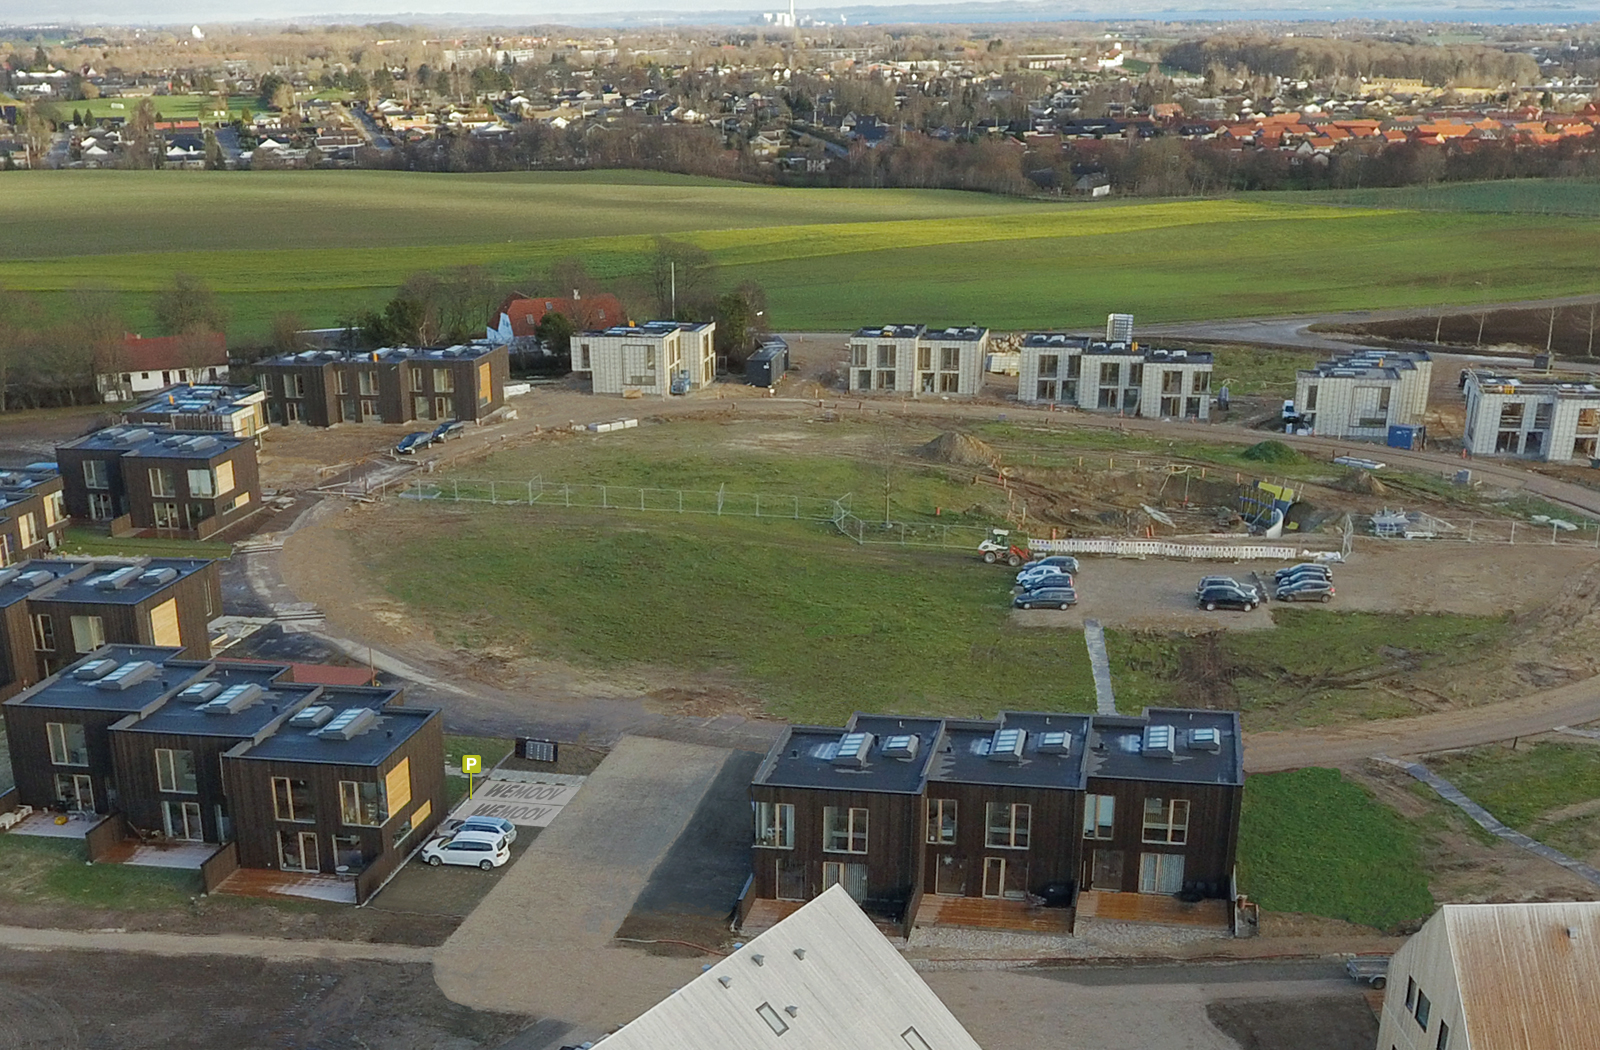 Dronebillede taget af Aarhus Kommune